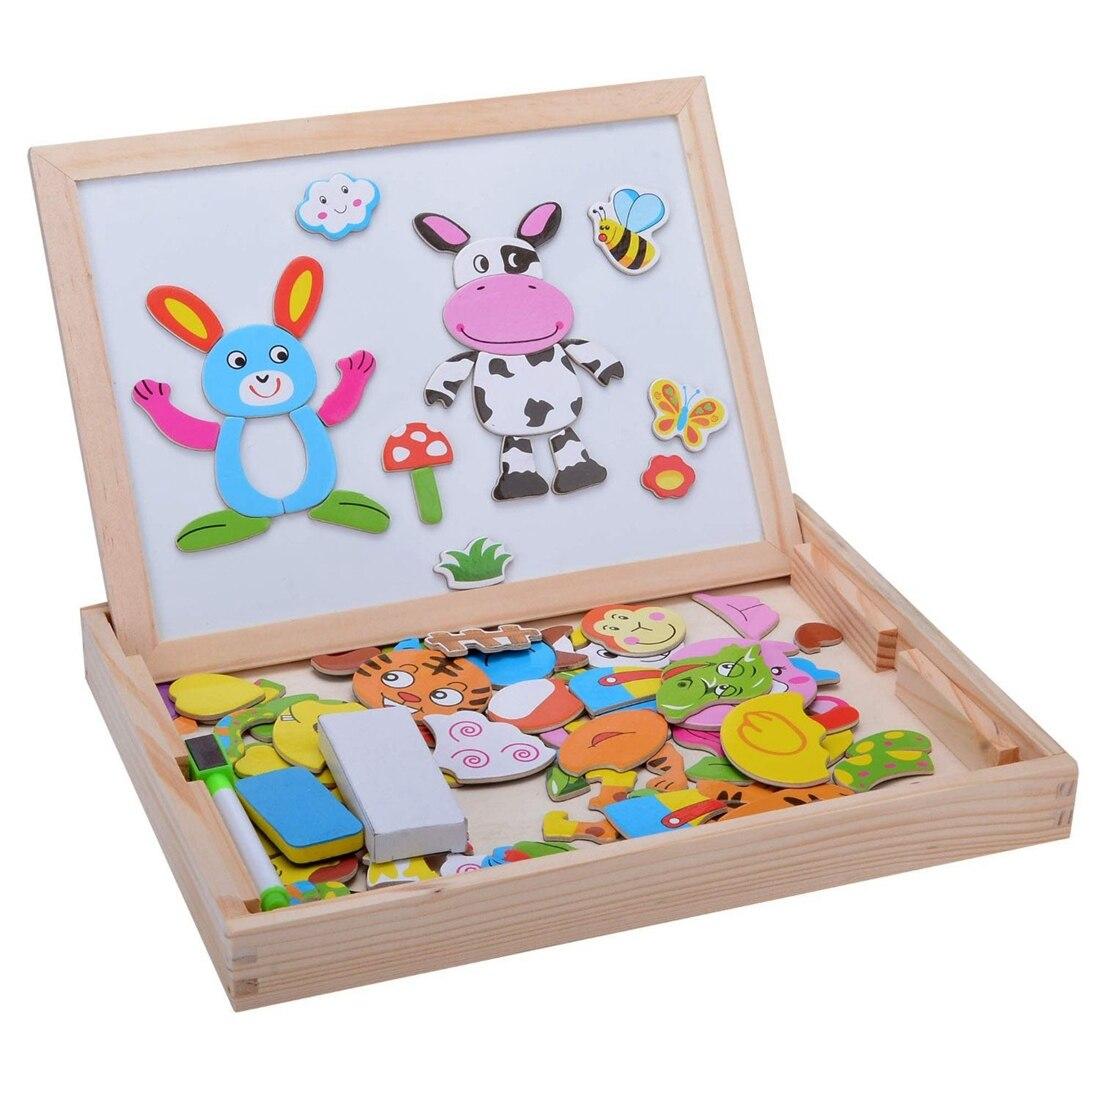 Quebra-cabeça de madeira para crianças multifunction dupla face placa de desenho magnético quebra-cabeça-doze zodíaco